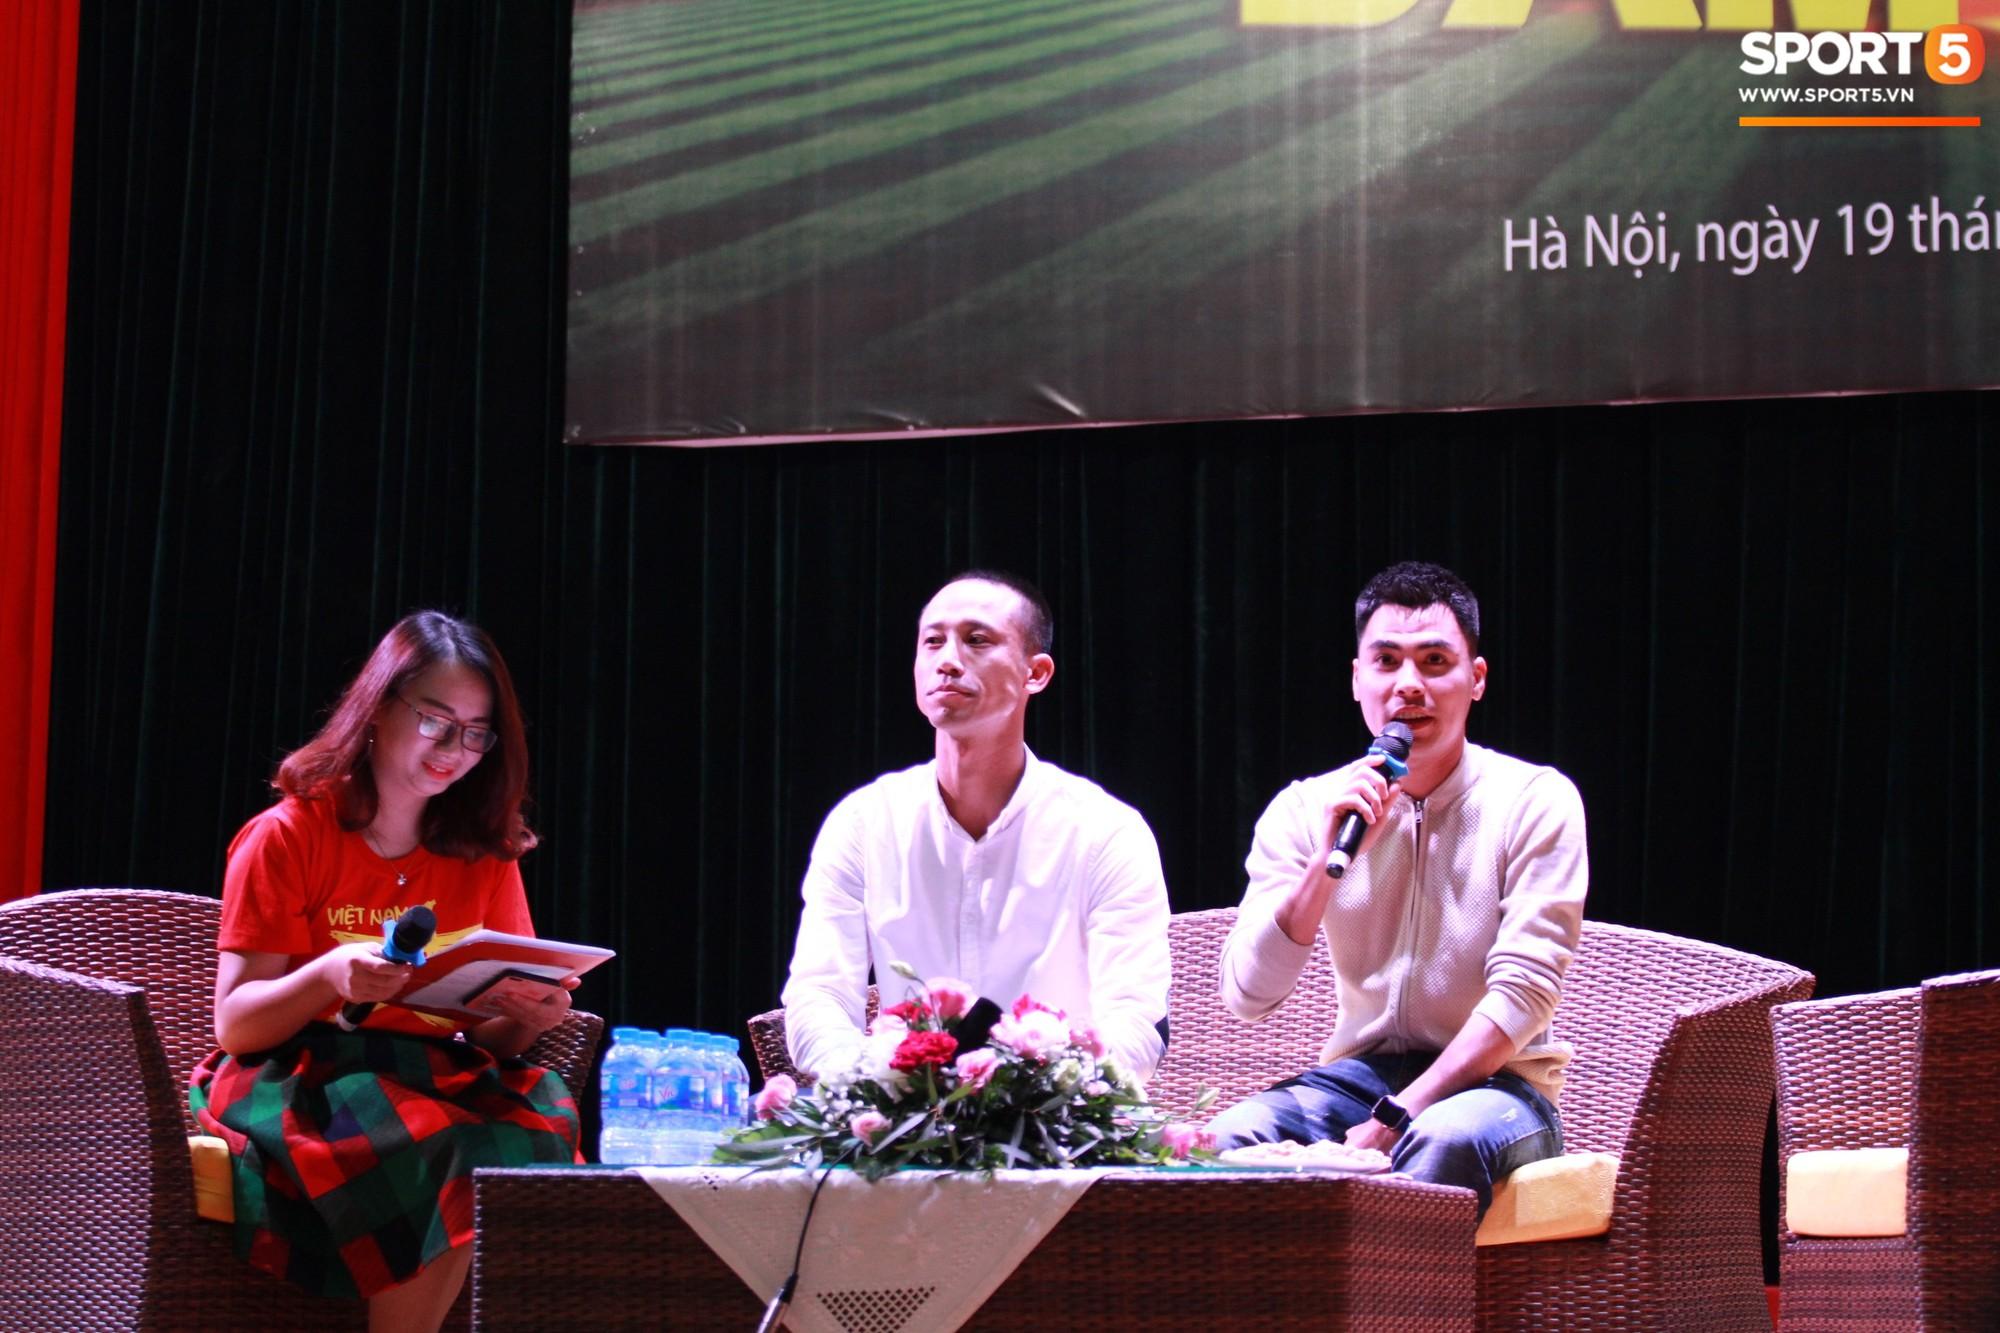 Nhà vô địch Phạm Đức Huy truyền cảm hứng cho sinh viên Học viện Công nghệ Bưu chính Viễn thông - Ảnh 3.